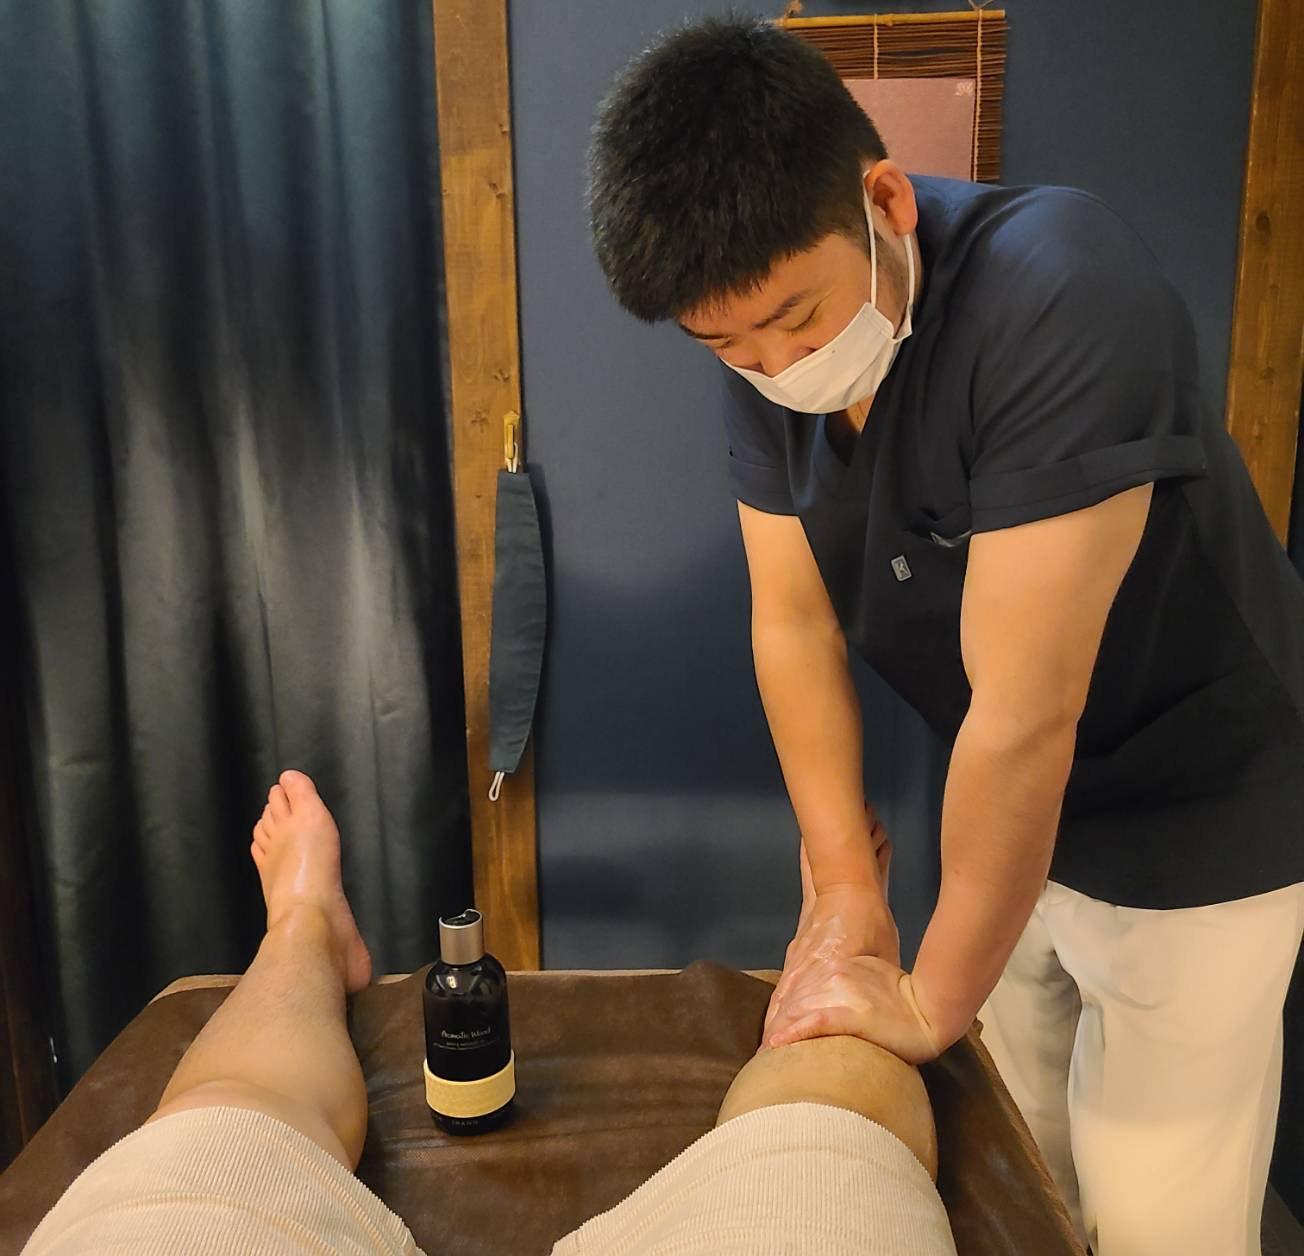 東洋医学鍼灸マッサージ瀬川浩央先生(つぼ講座)